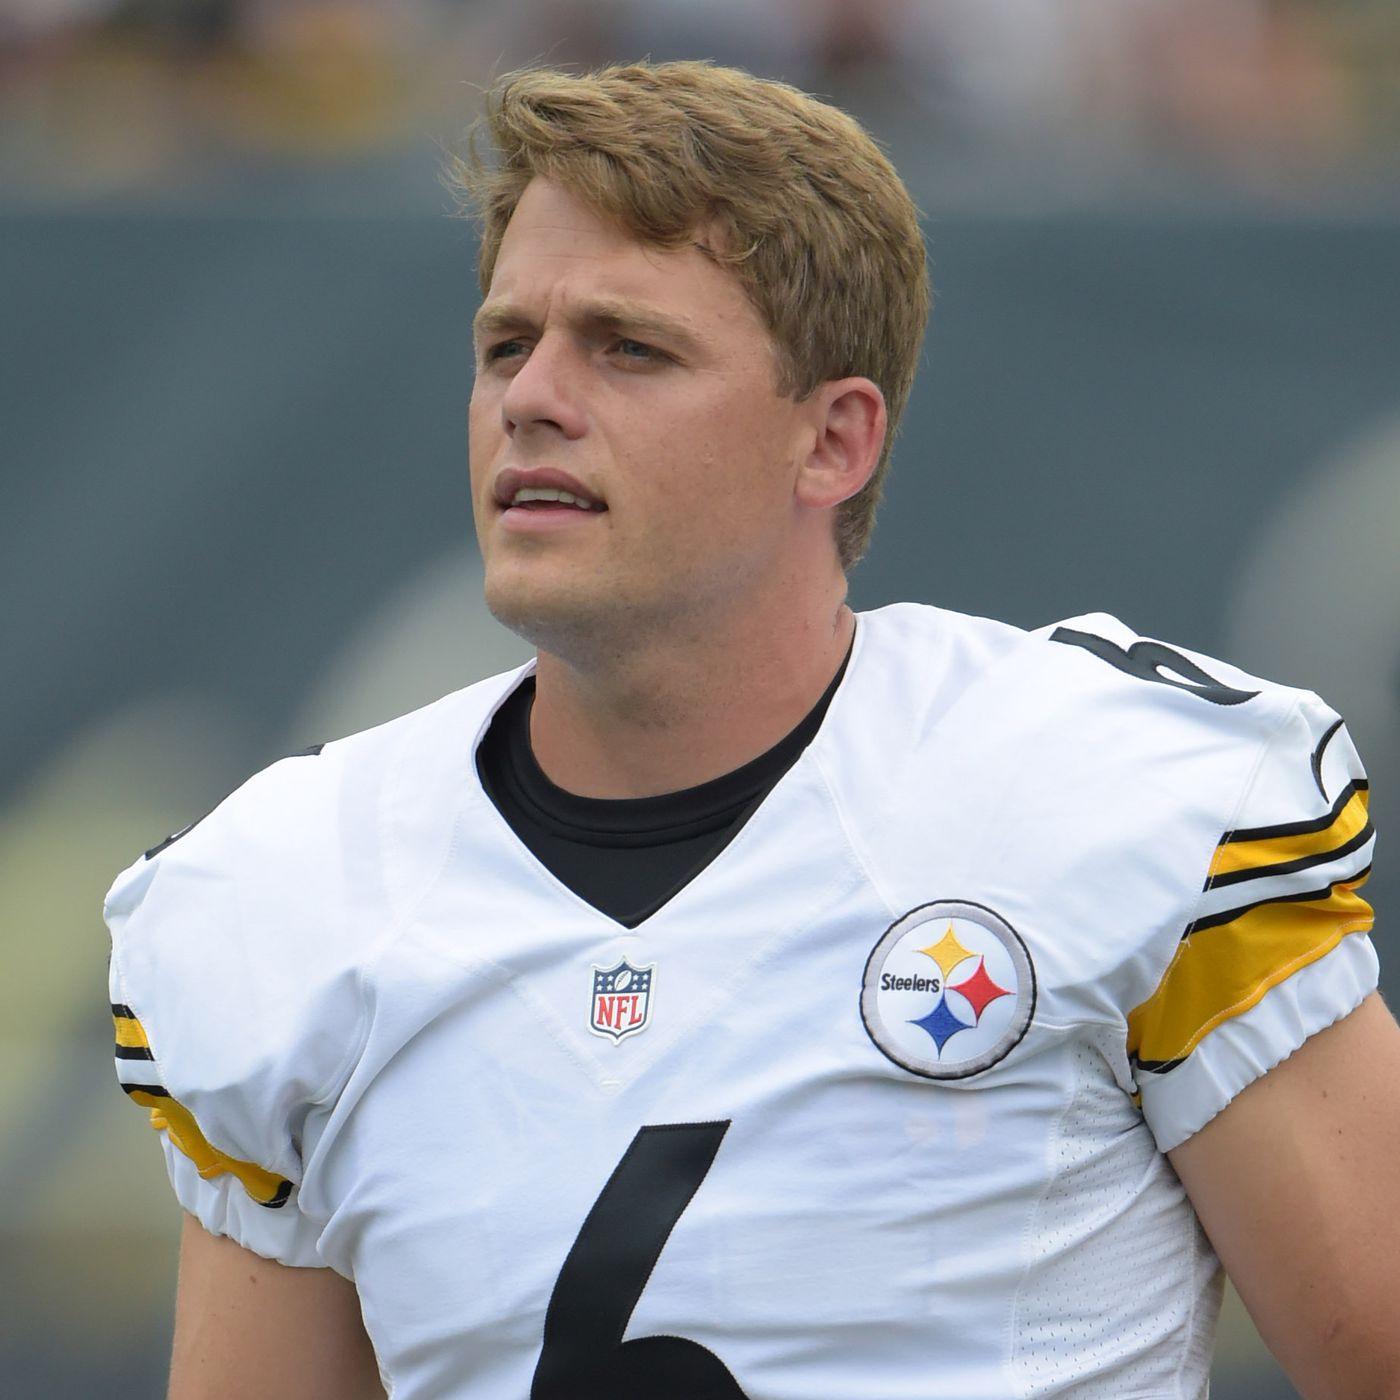 Pittsburgh Steelers kicker Shaun Suisham retires from the NFL ...